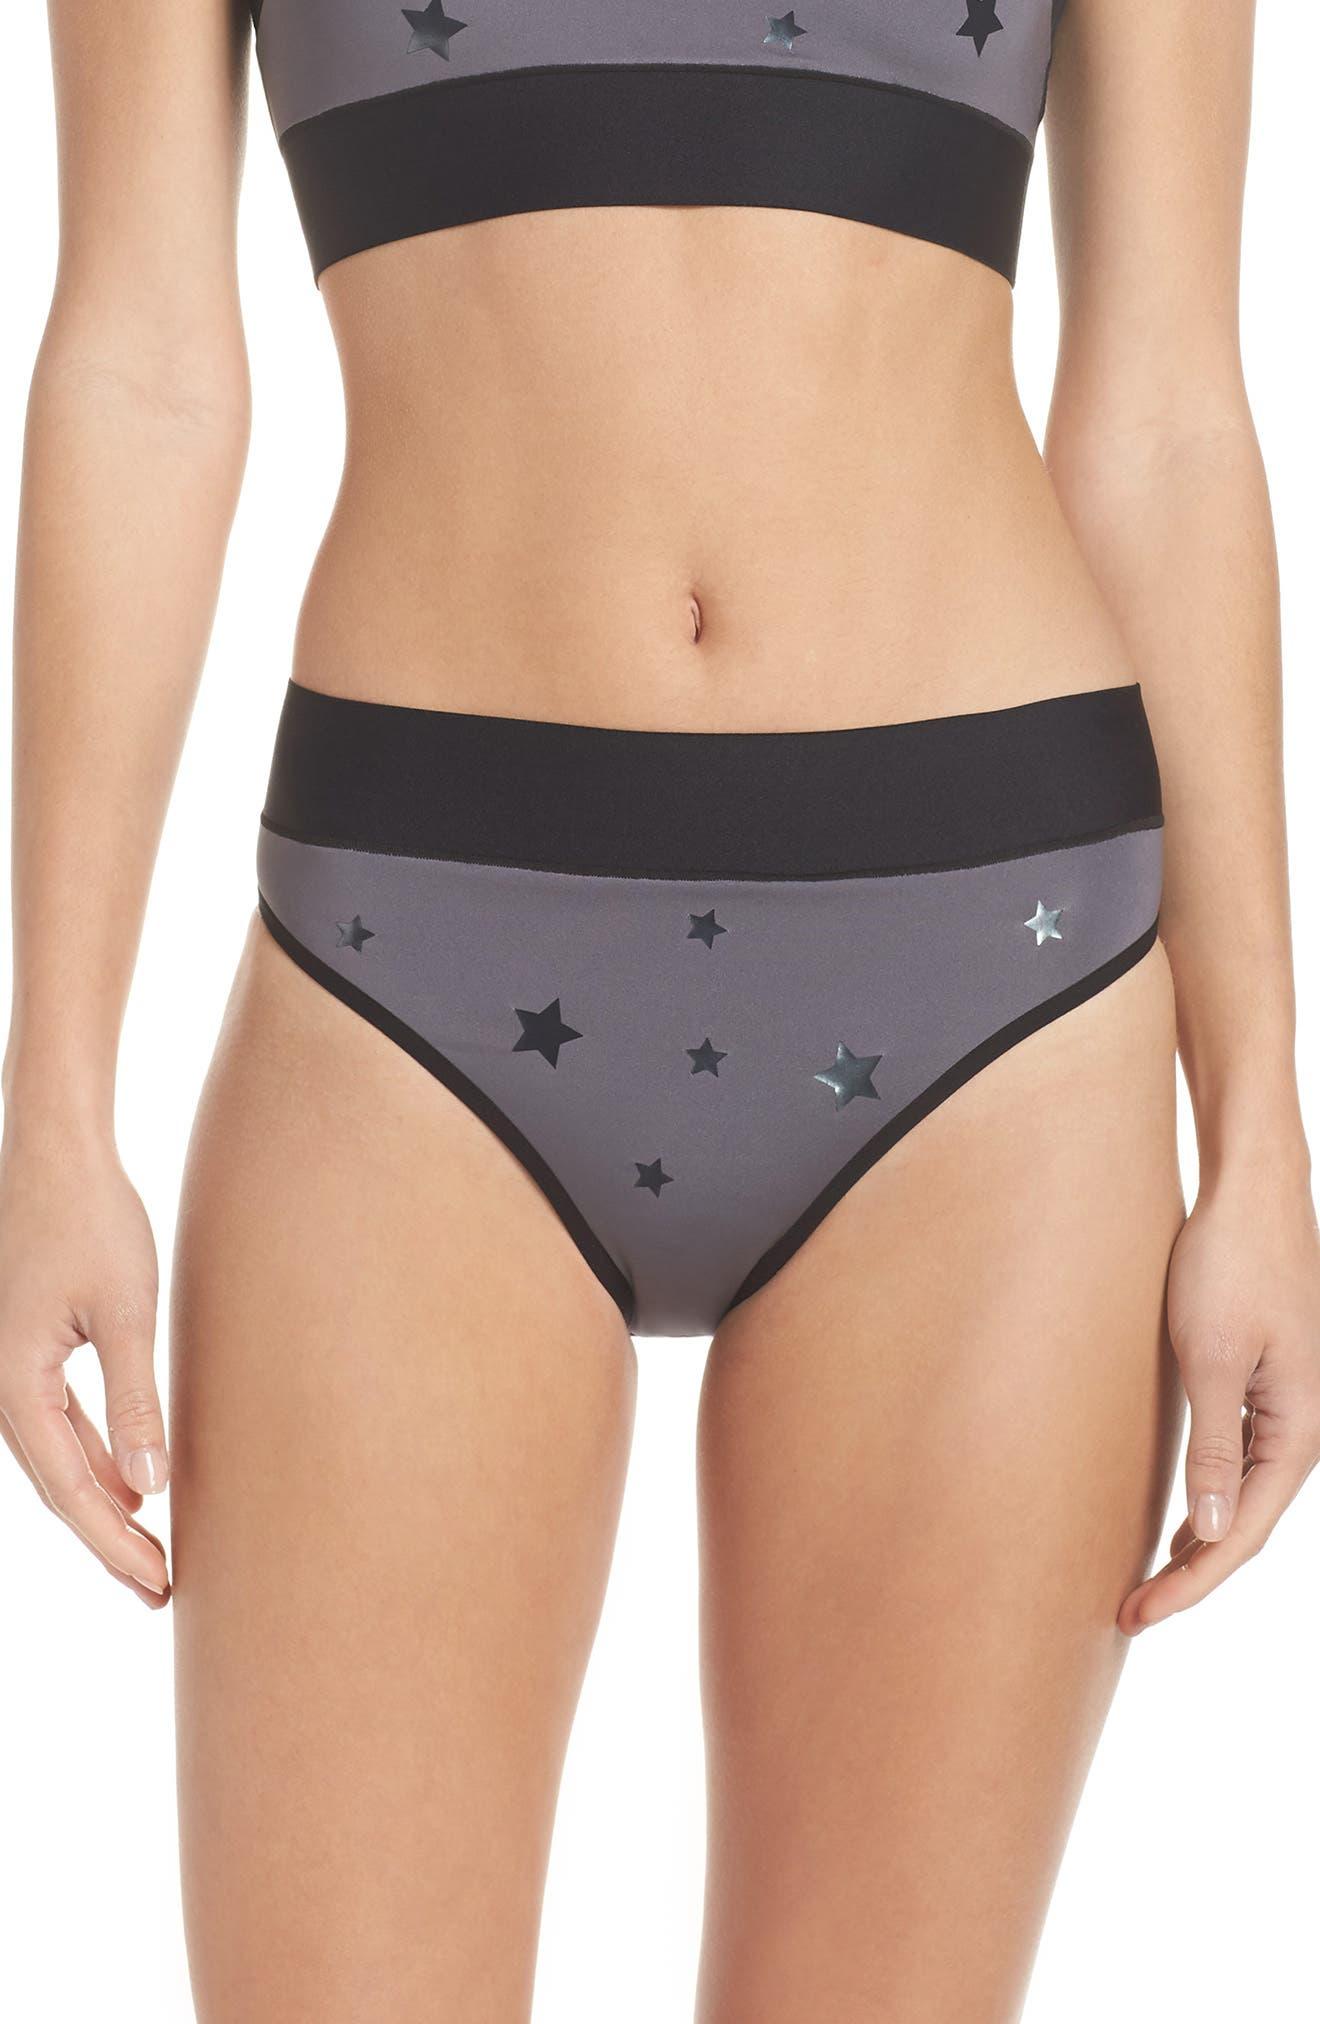 Argon Luster High Waist Bikini Bottoms,                         Main,                         color, 020